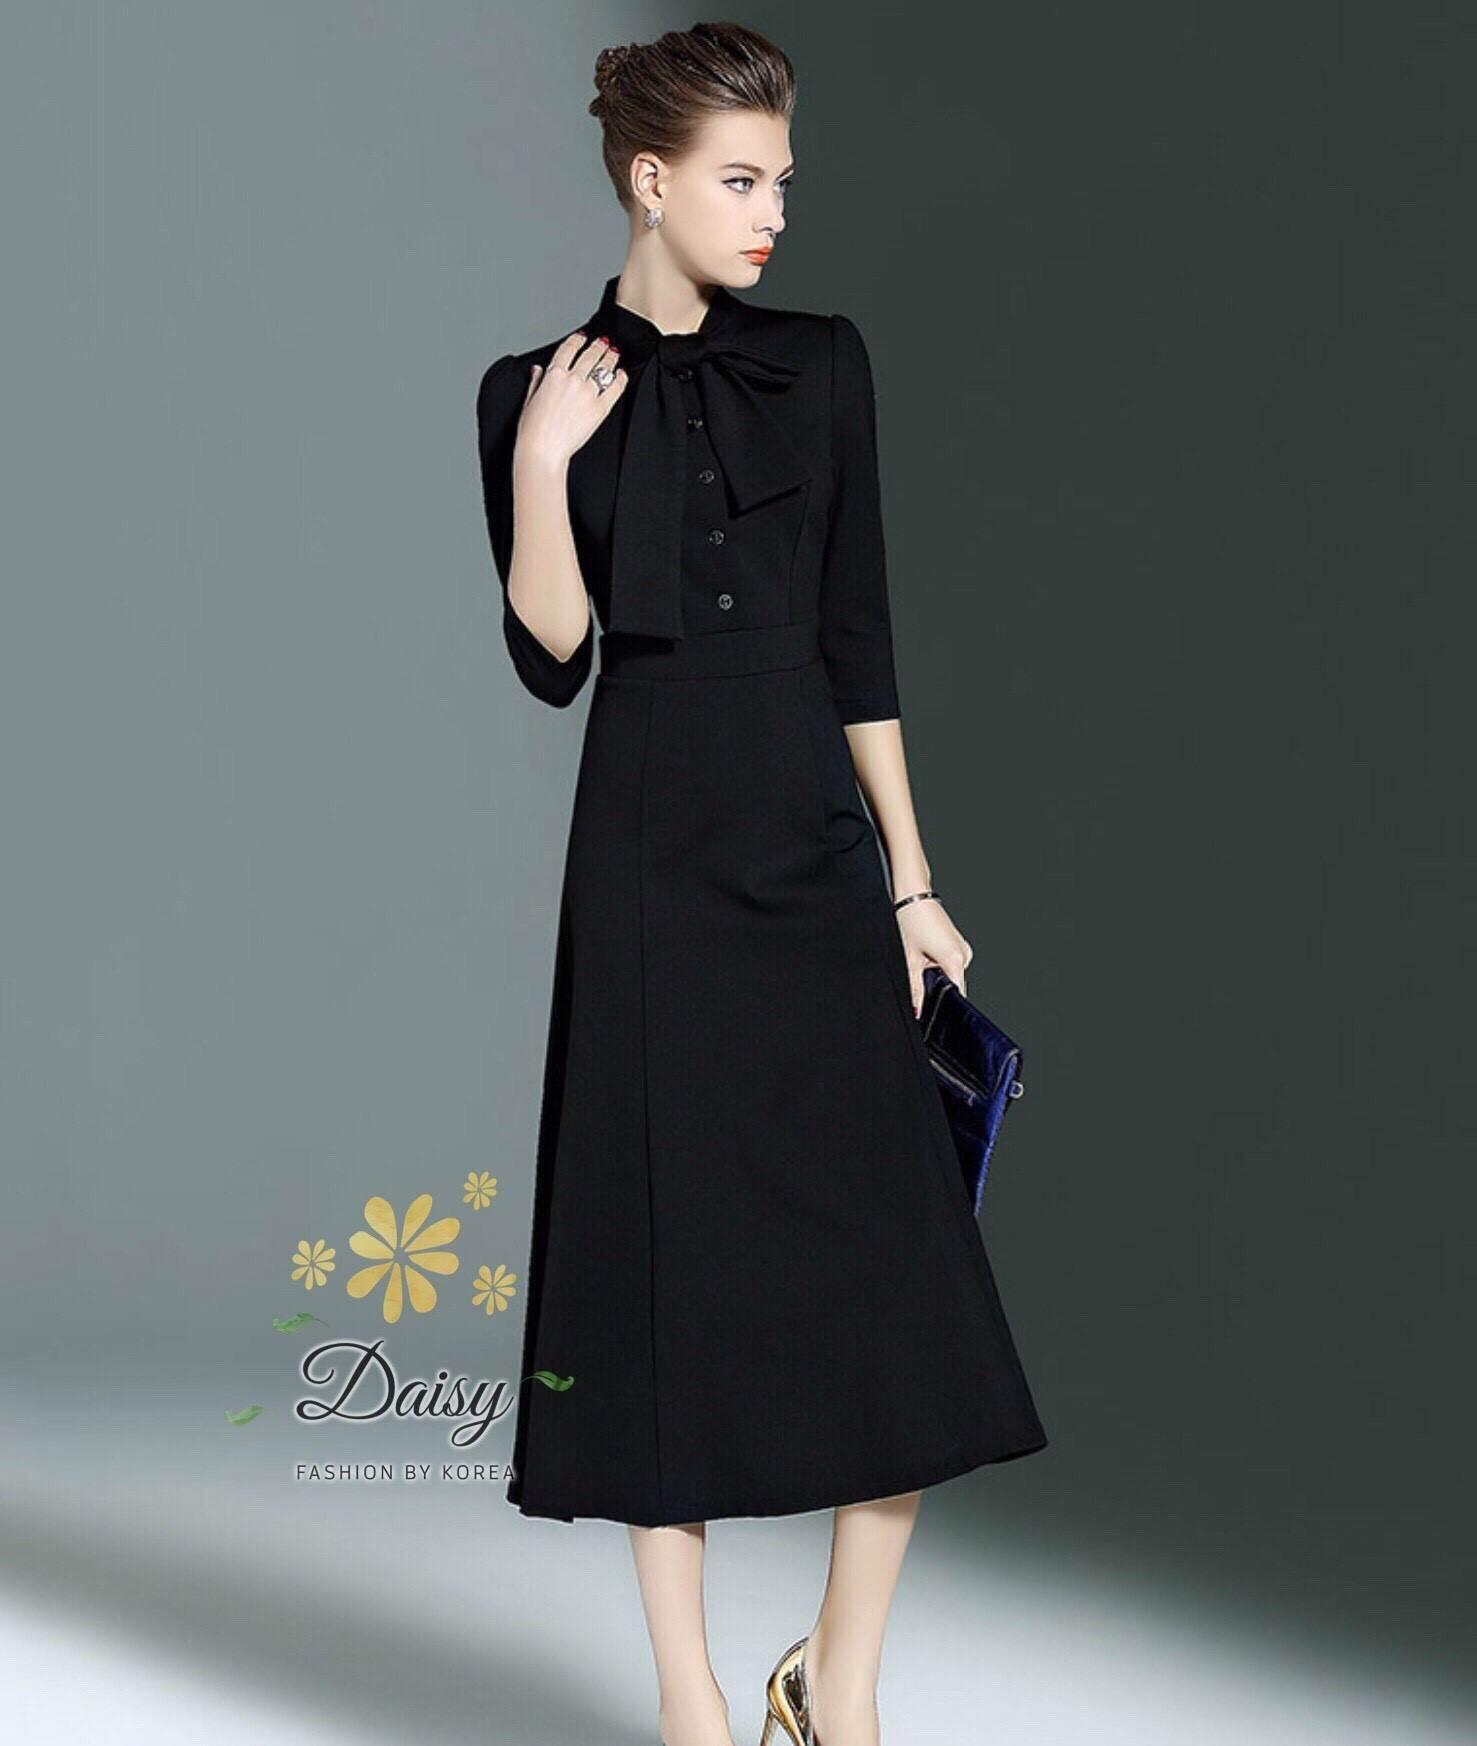 ชุดเดรสเกาหลี พร้อมส่งเดรสสีดำแบบสุภาพ ด้านหน้าติดกระดุม